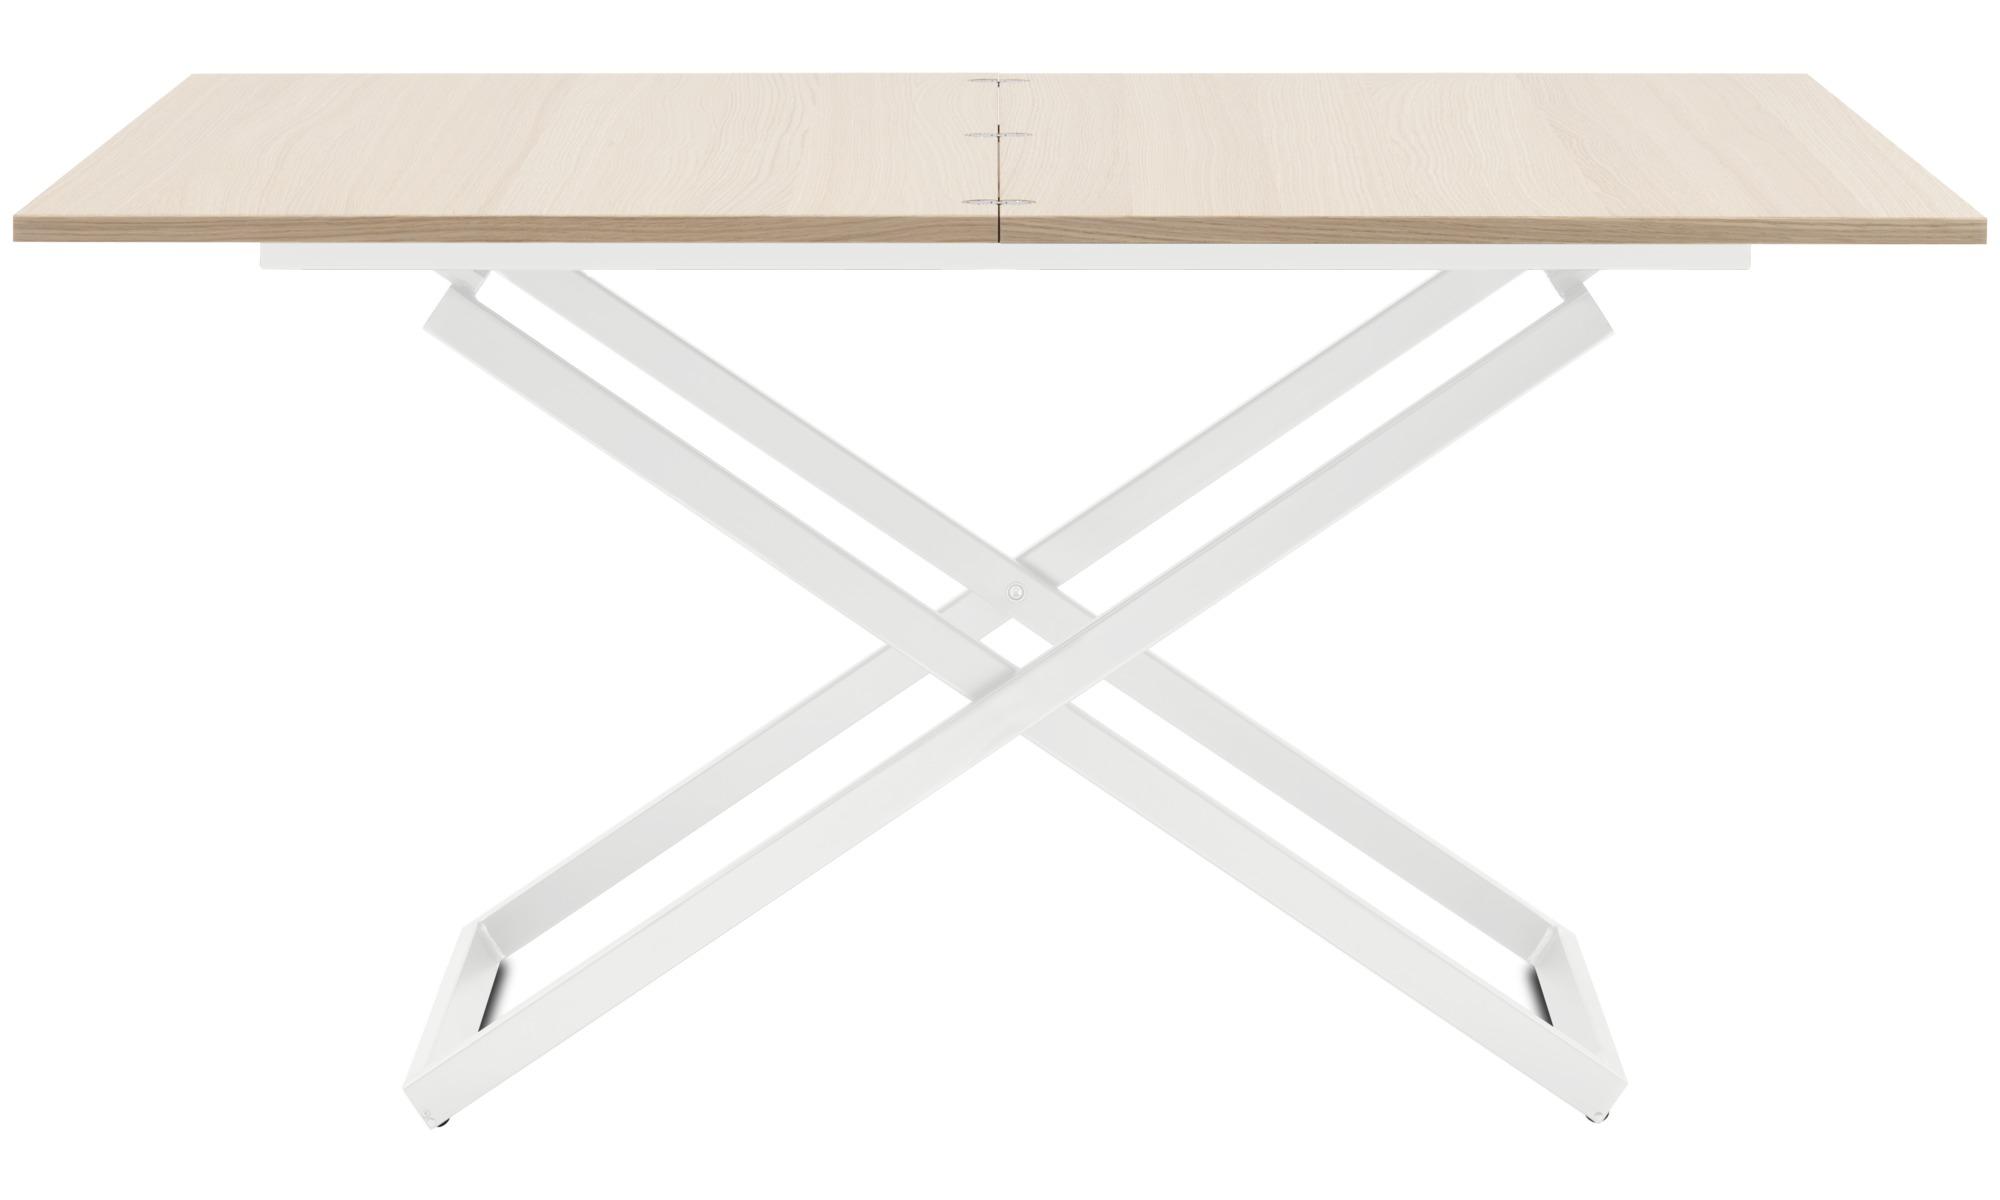 Couchtische Rubi Verstellbarer Tisch In Hohe Und Grosse Boconcept